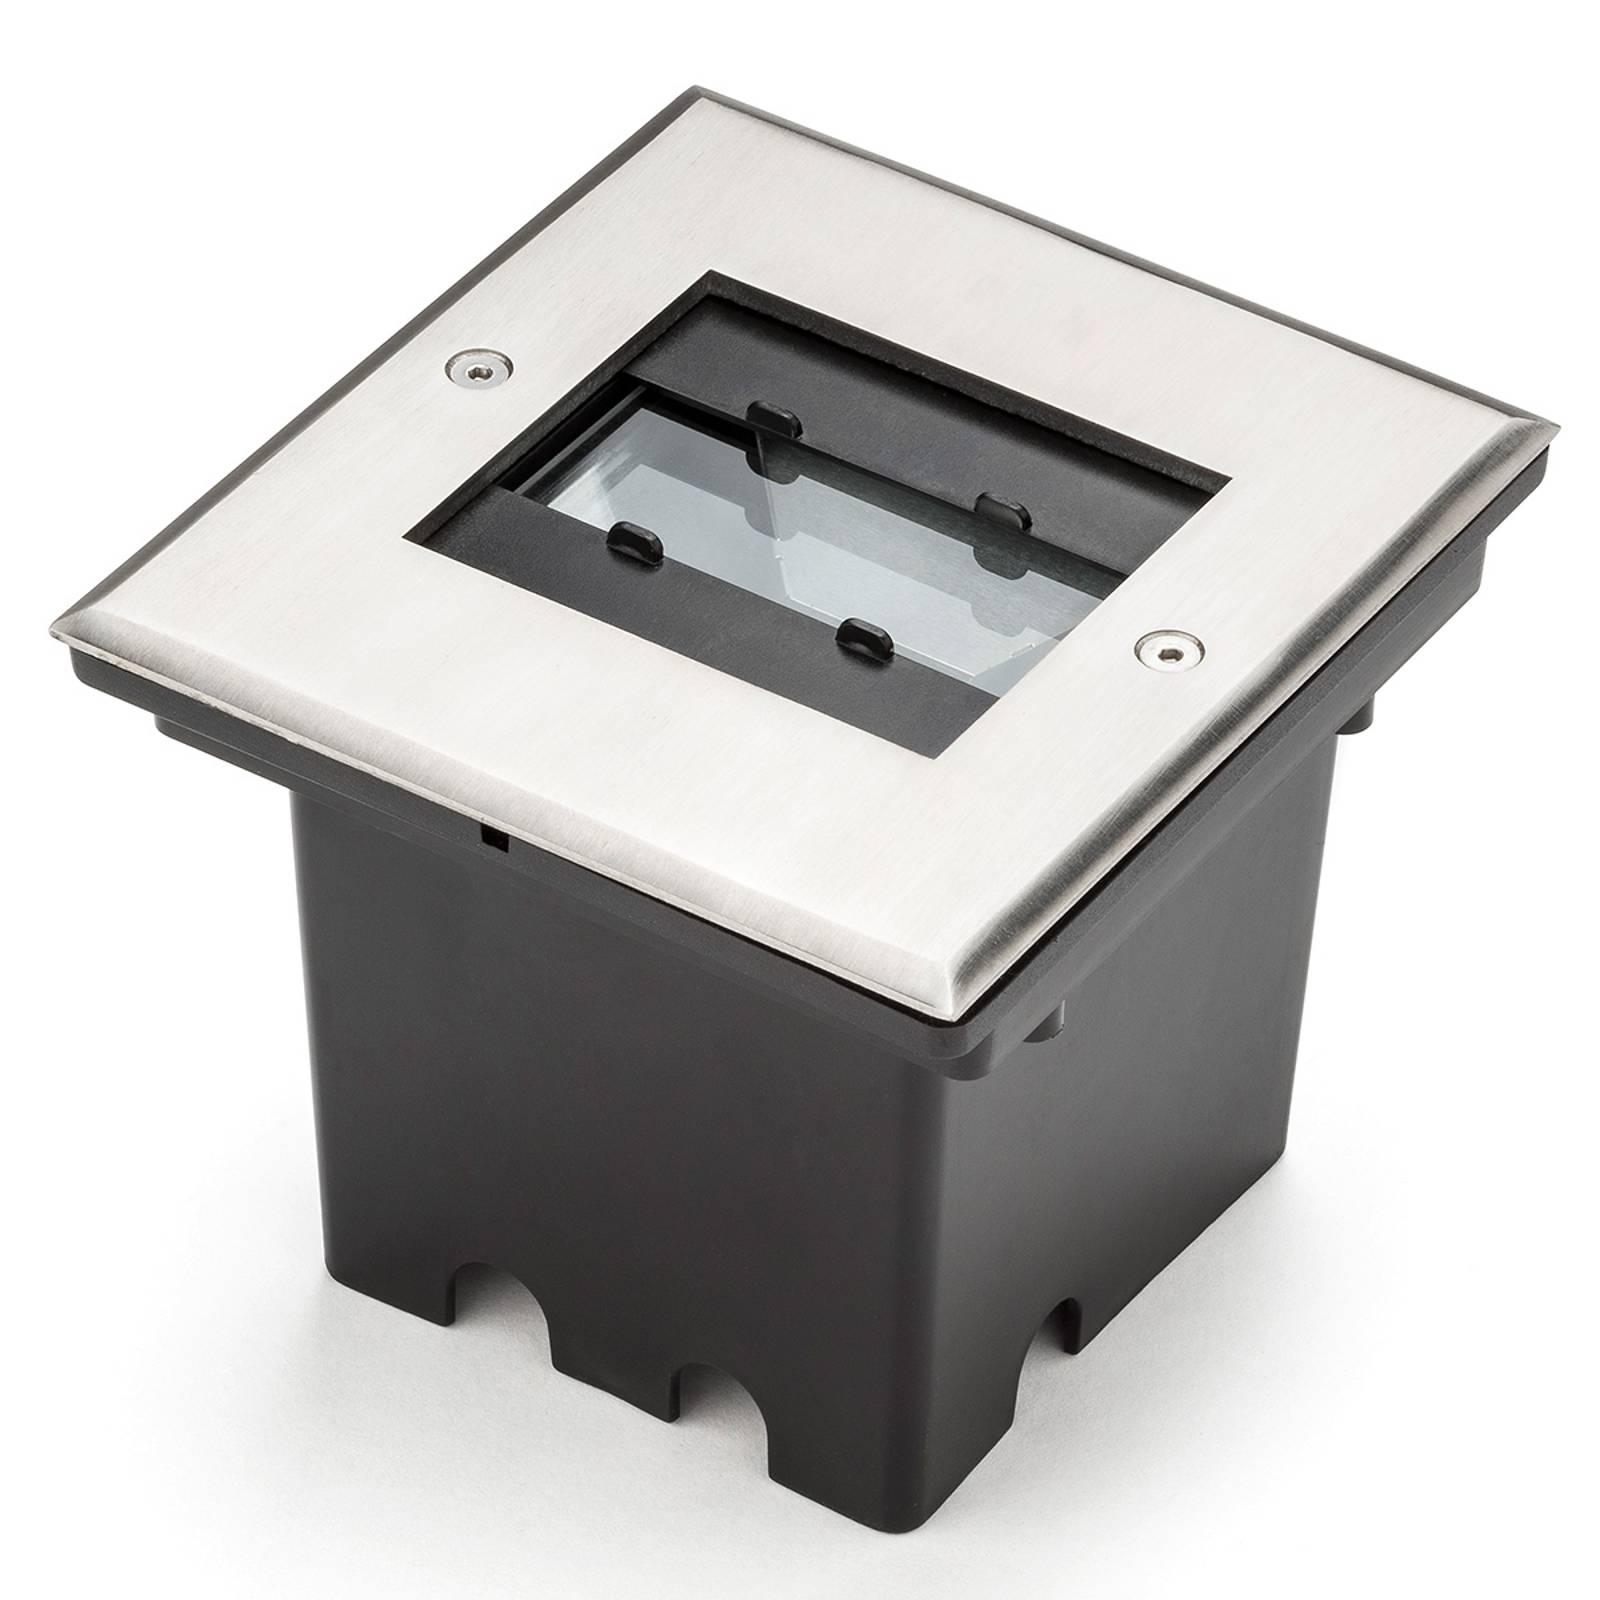 9 LED - Malte grondspot met flex. Lichtuitvoer